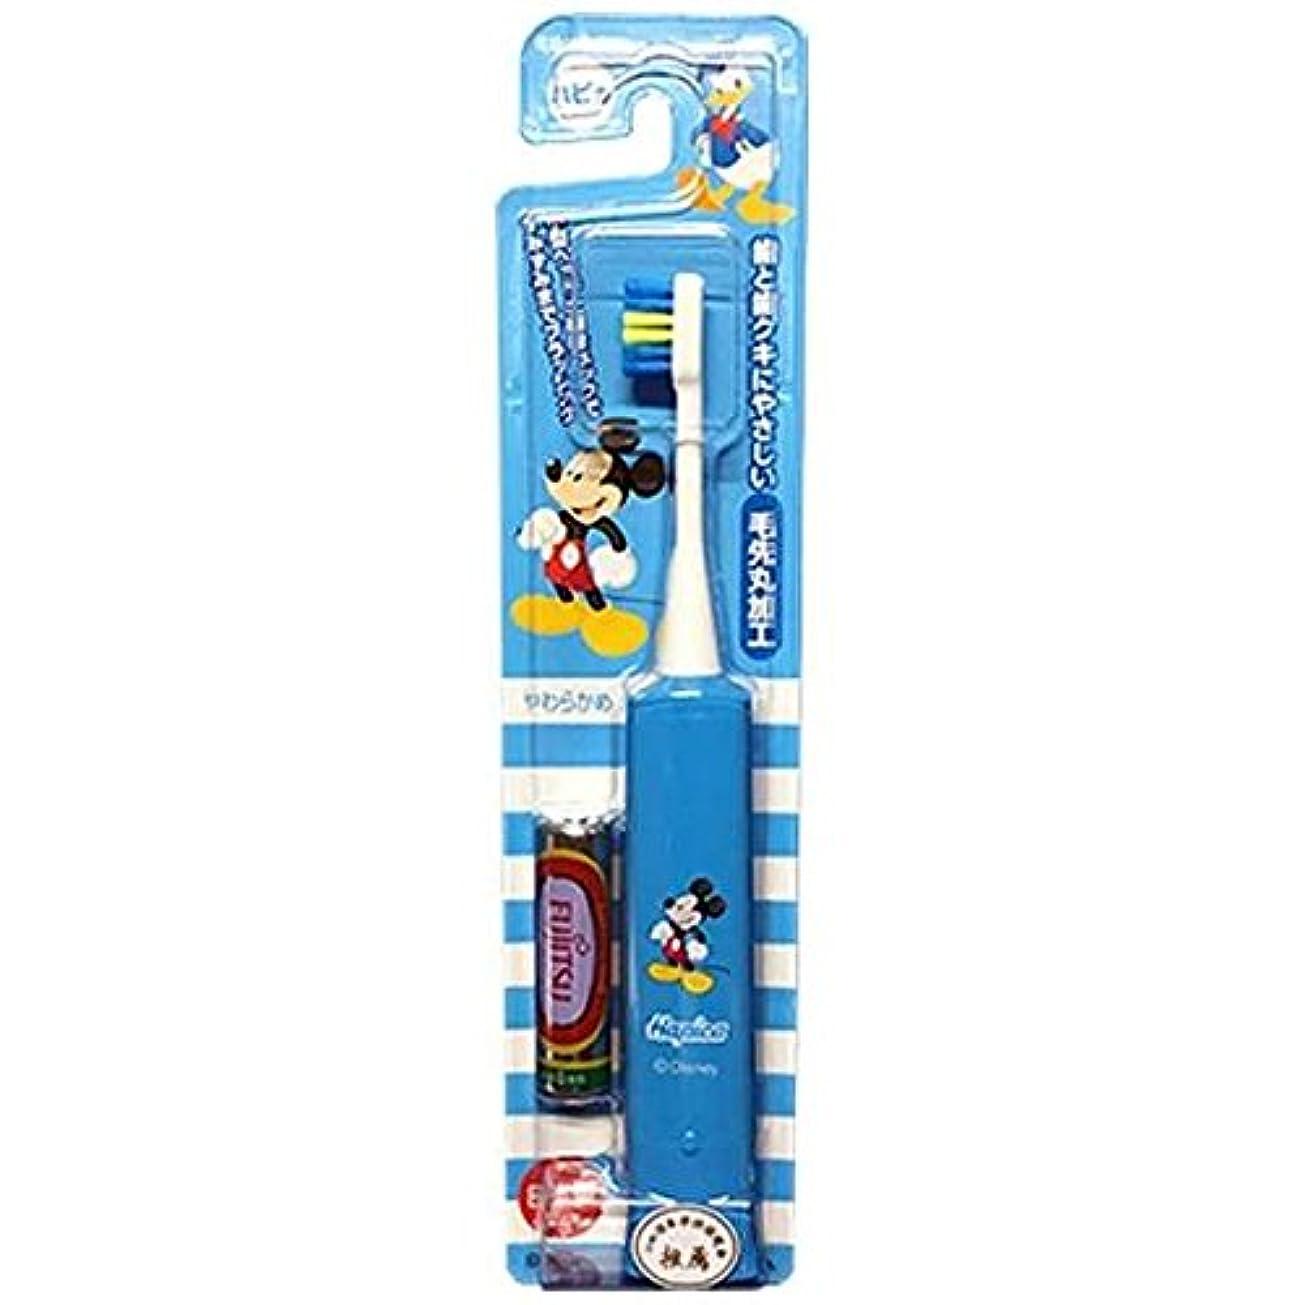 カタログいちゃつく逃れるミニマム 電動付歯ブラシ こどもハピカ ミッキー(ブルー) 毛の硬さ:やわらかめ DBK-5B(MK)